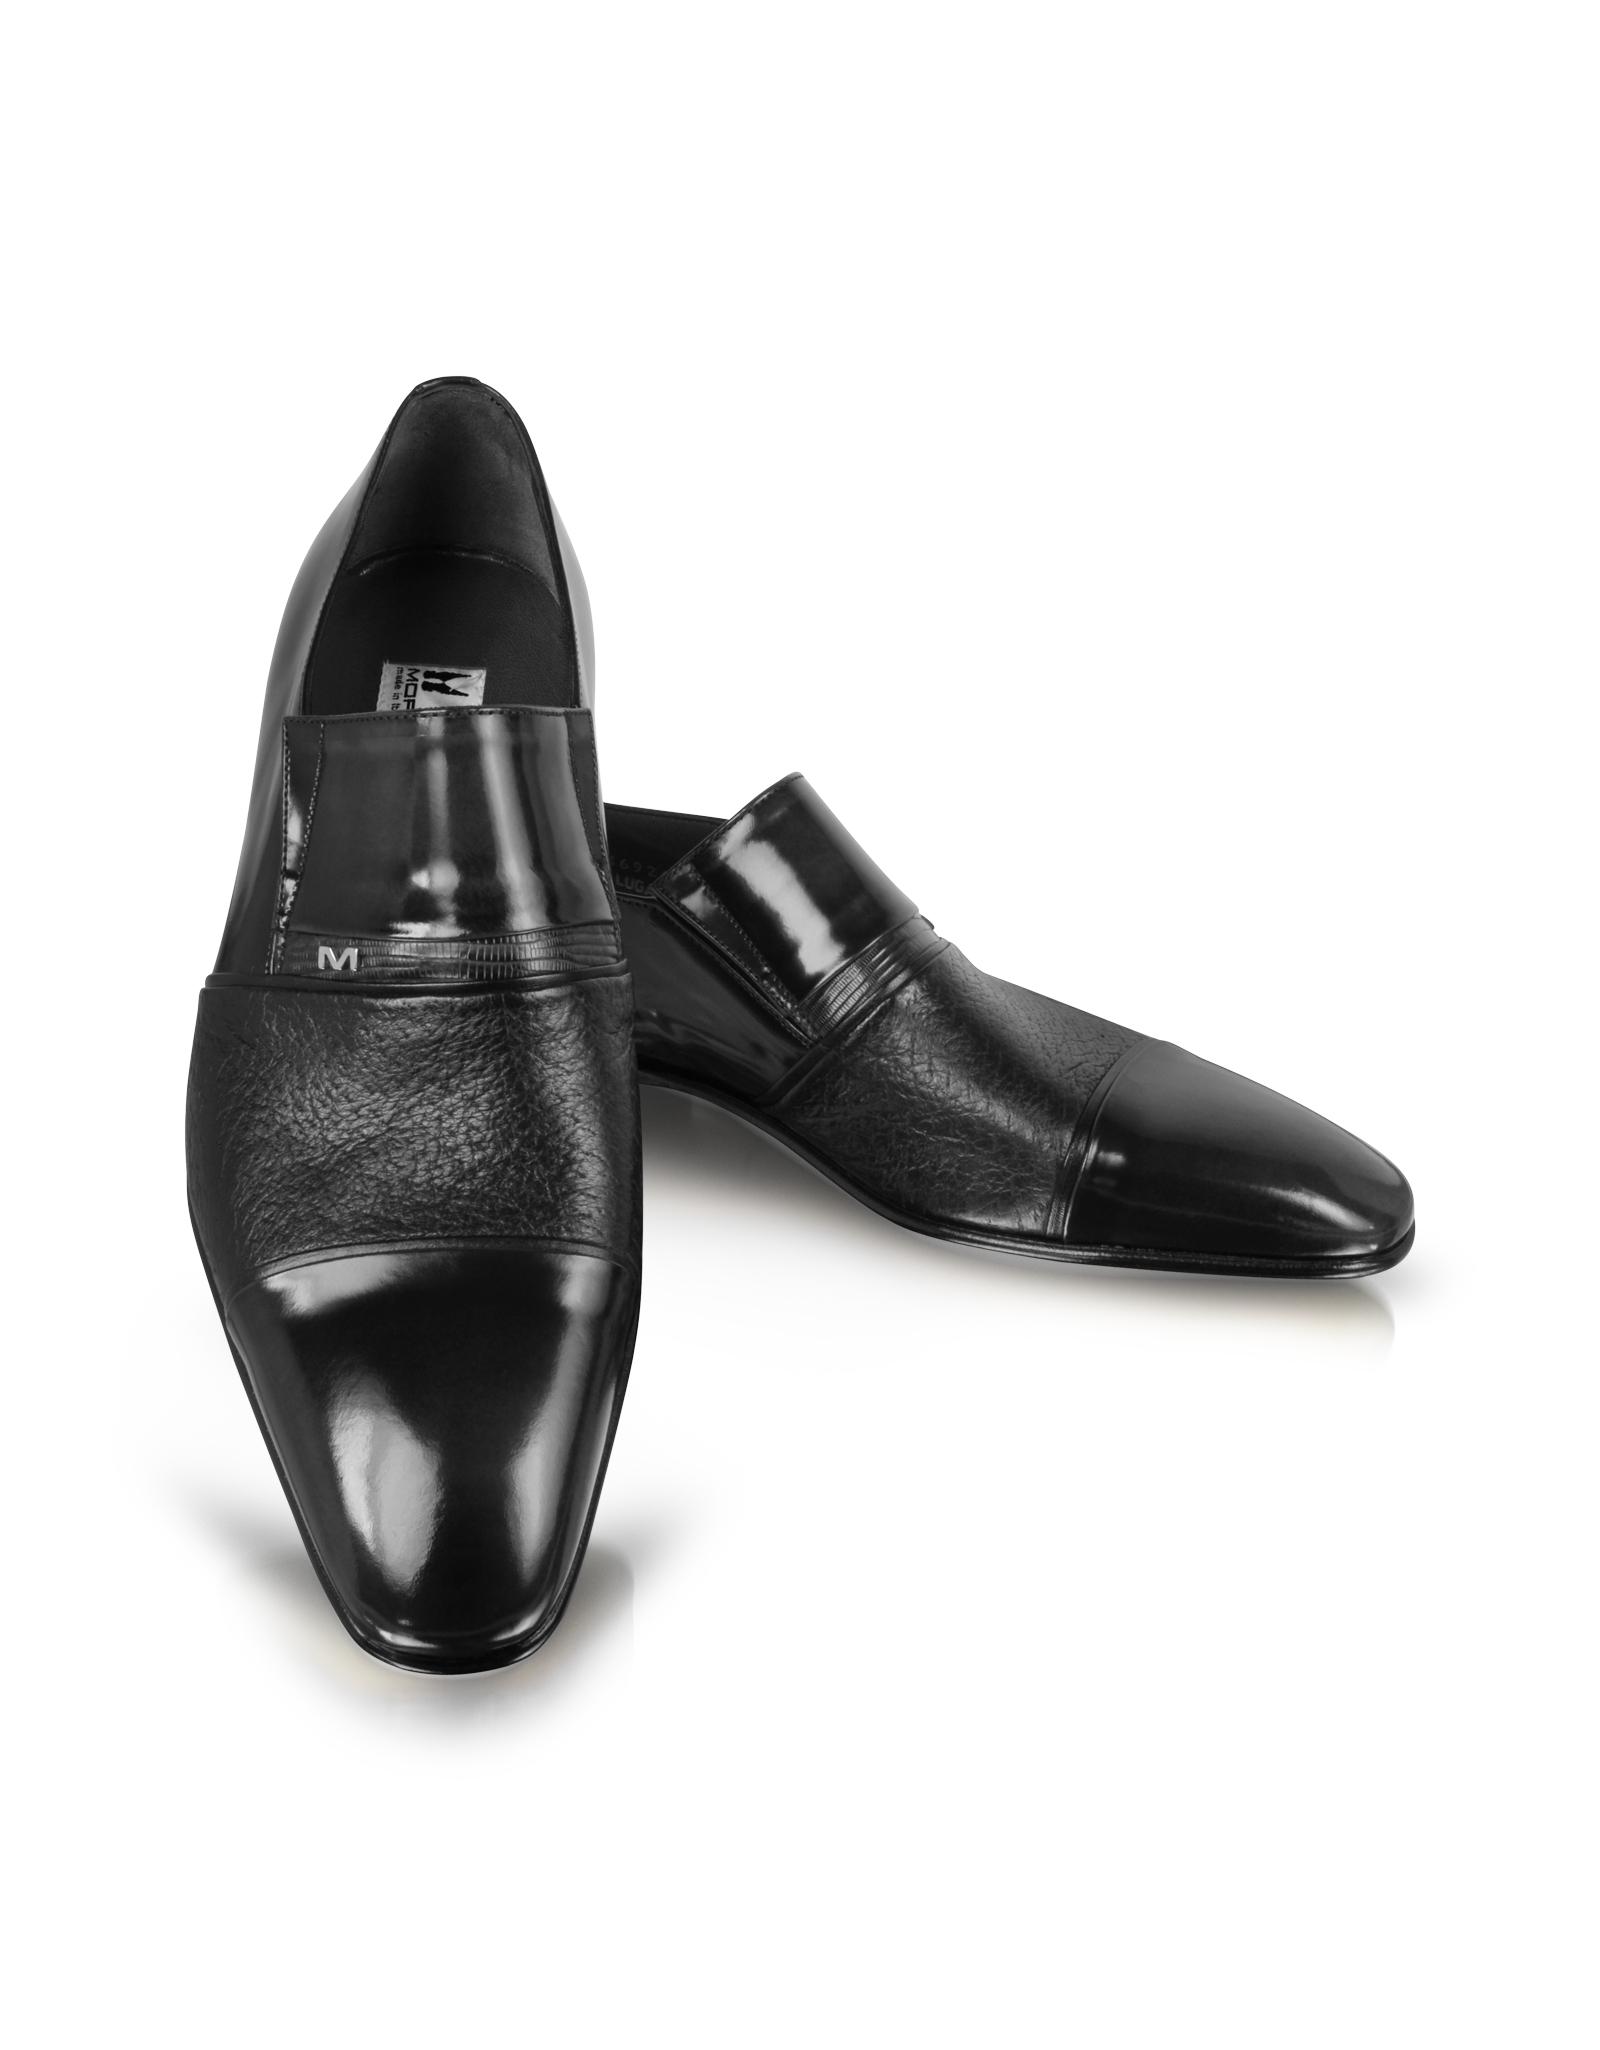 Saint Laurent Black Leather And Lase Shoes